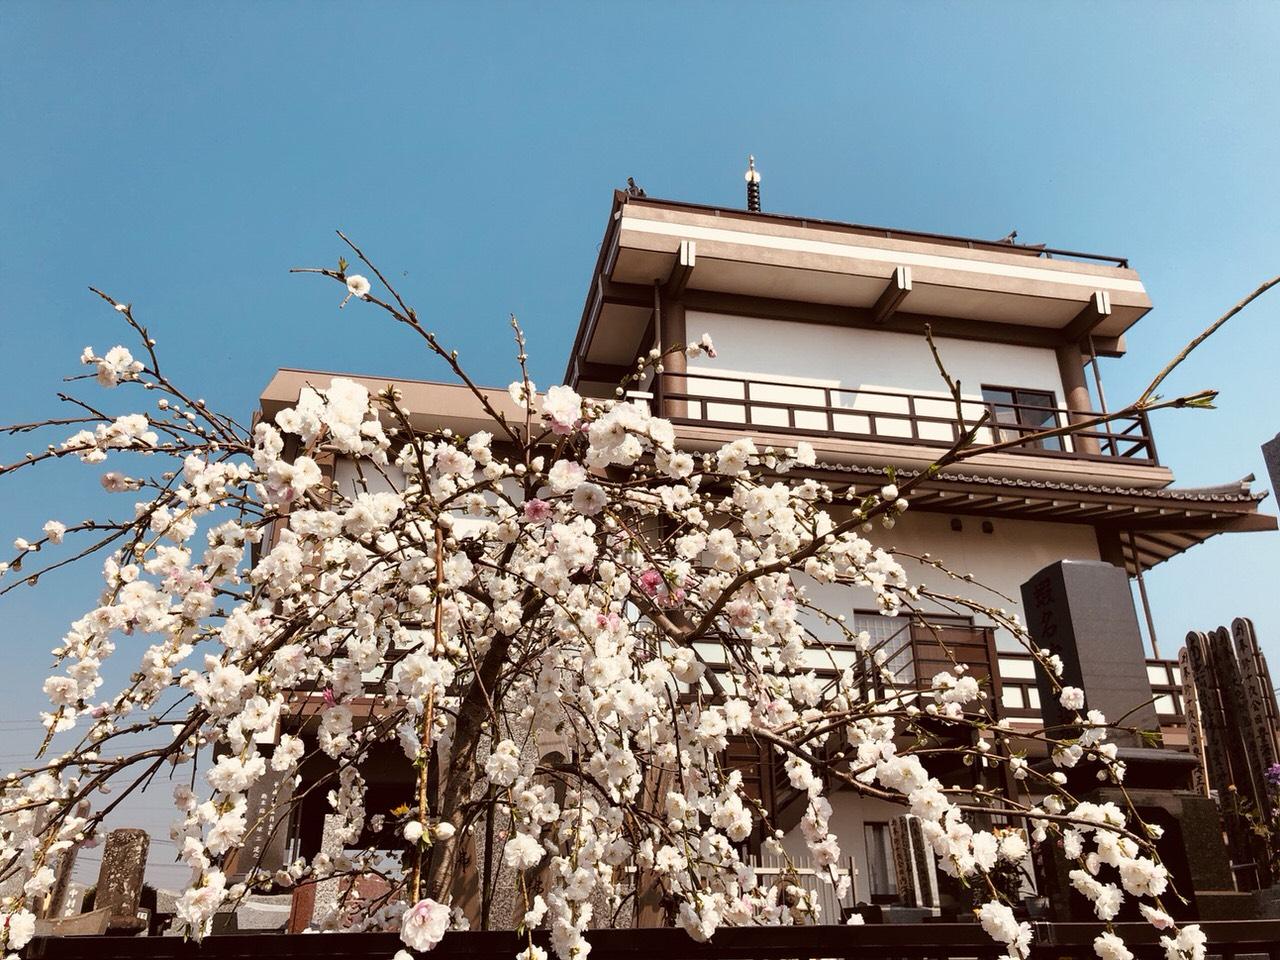 大覚寺 のうこつぼの画像5